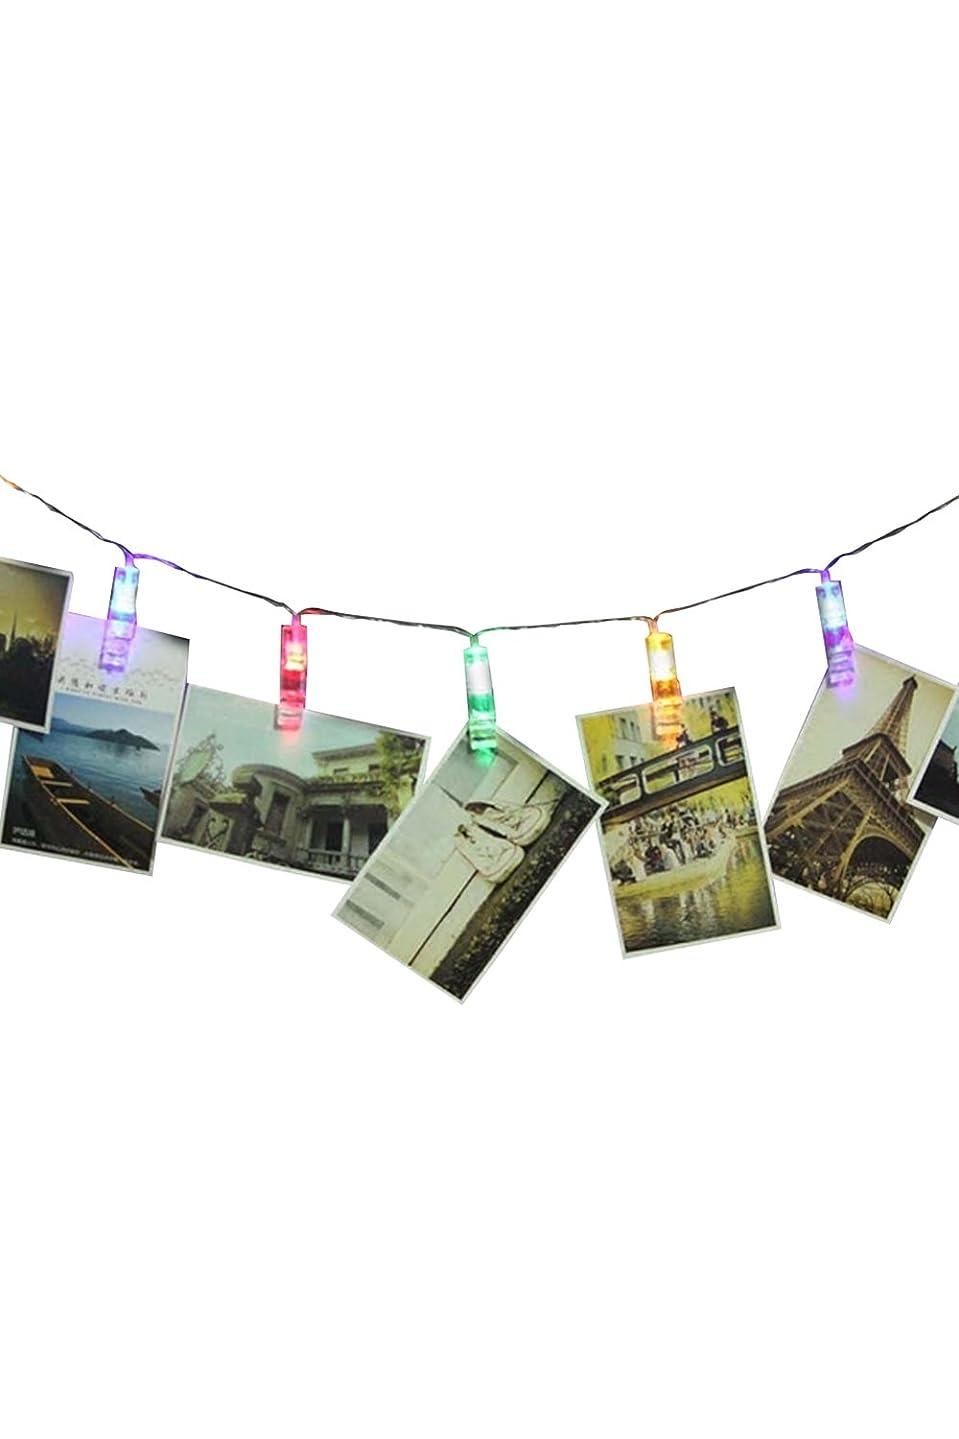 疲労市区町村達成可能Lumierechat LEDライト LED ガーランド クリップ 写真 電池 装飾 電飾 イルミネーション レインボー a-4296(2m/レインボーカラー)